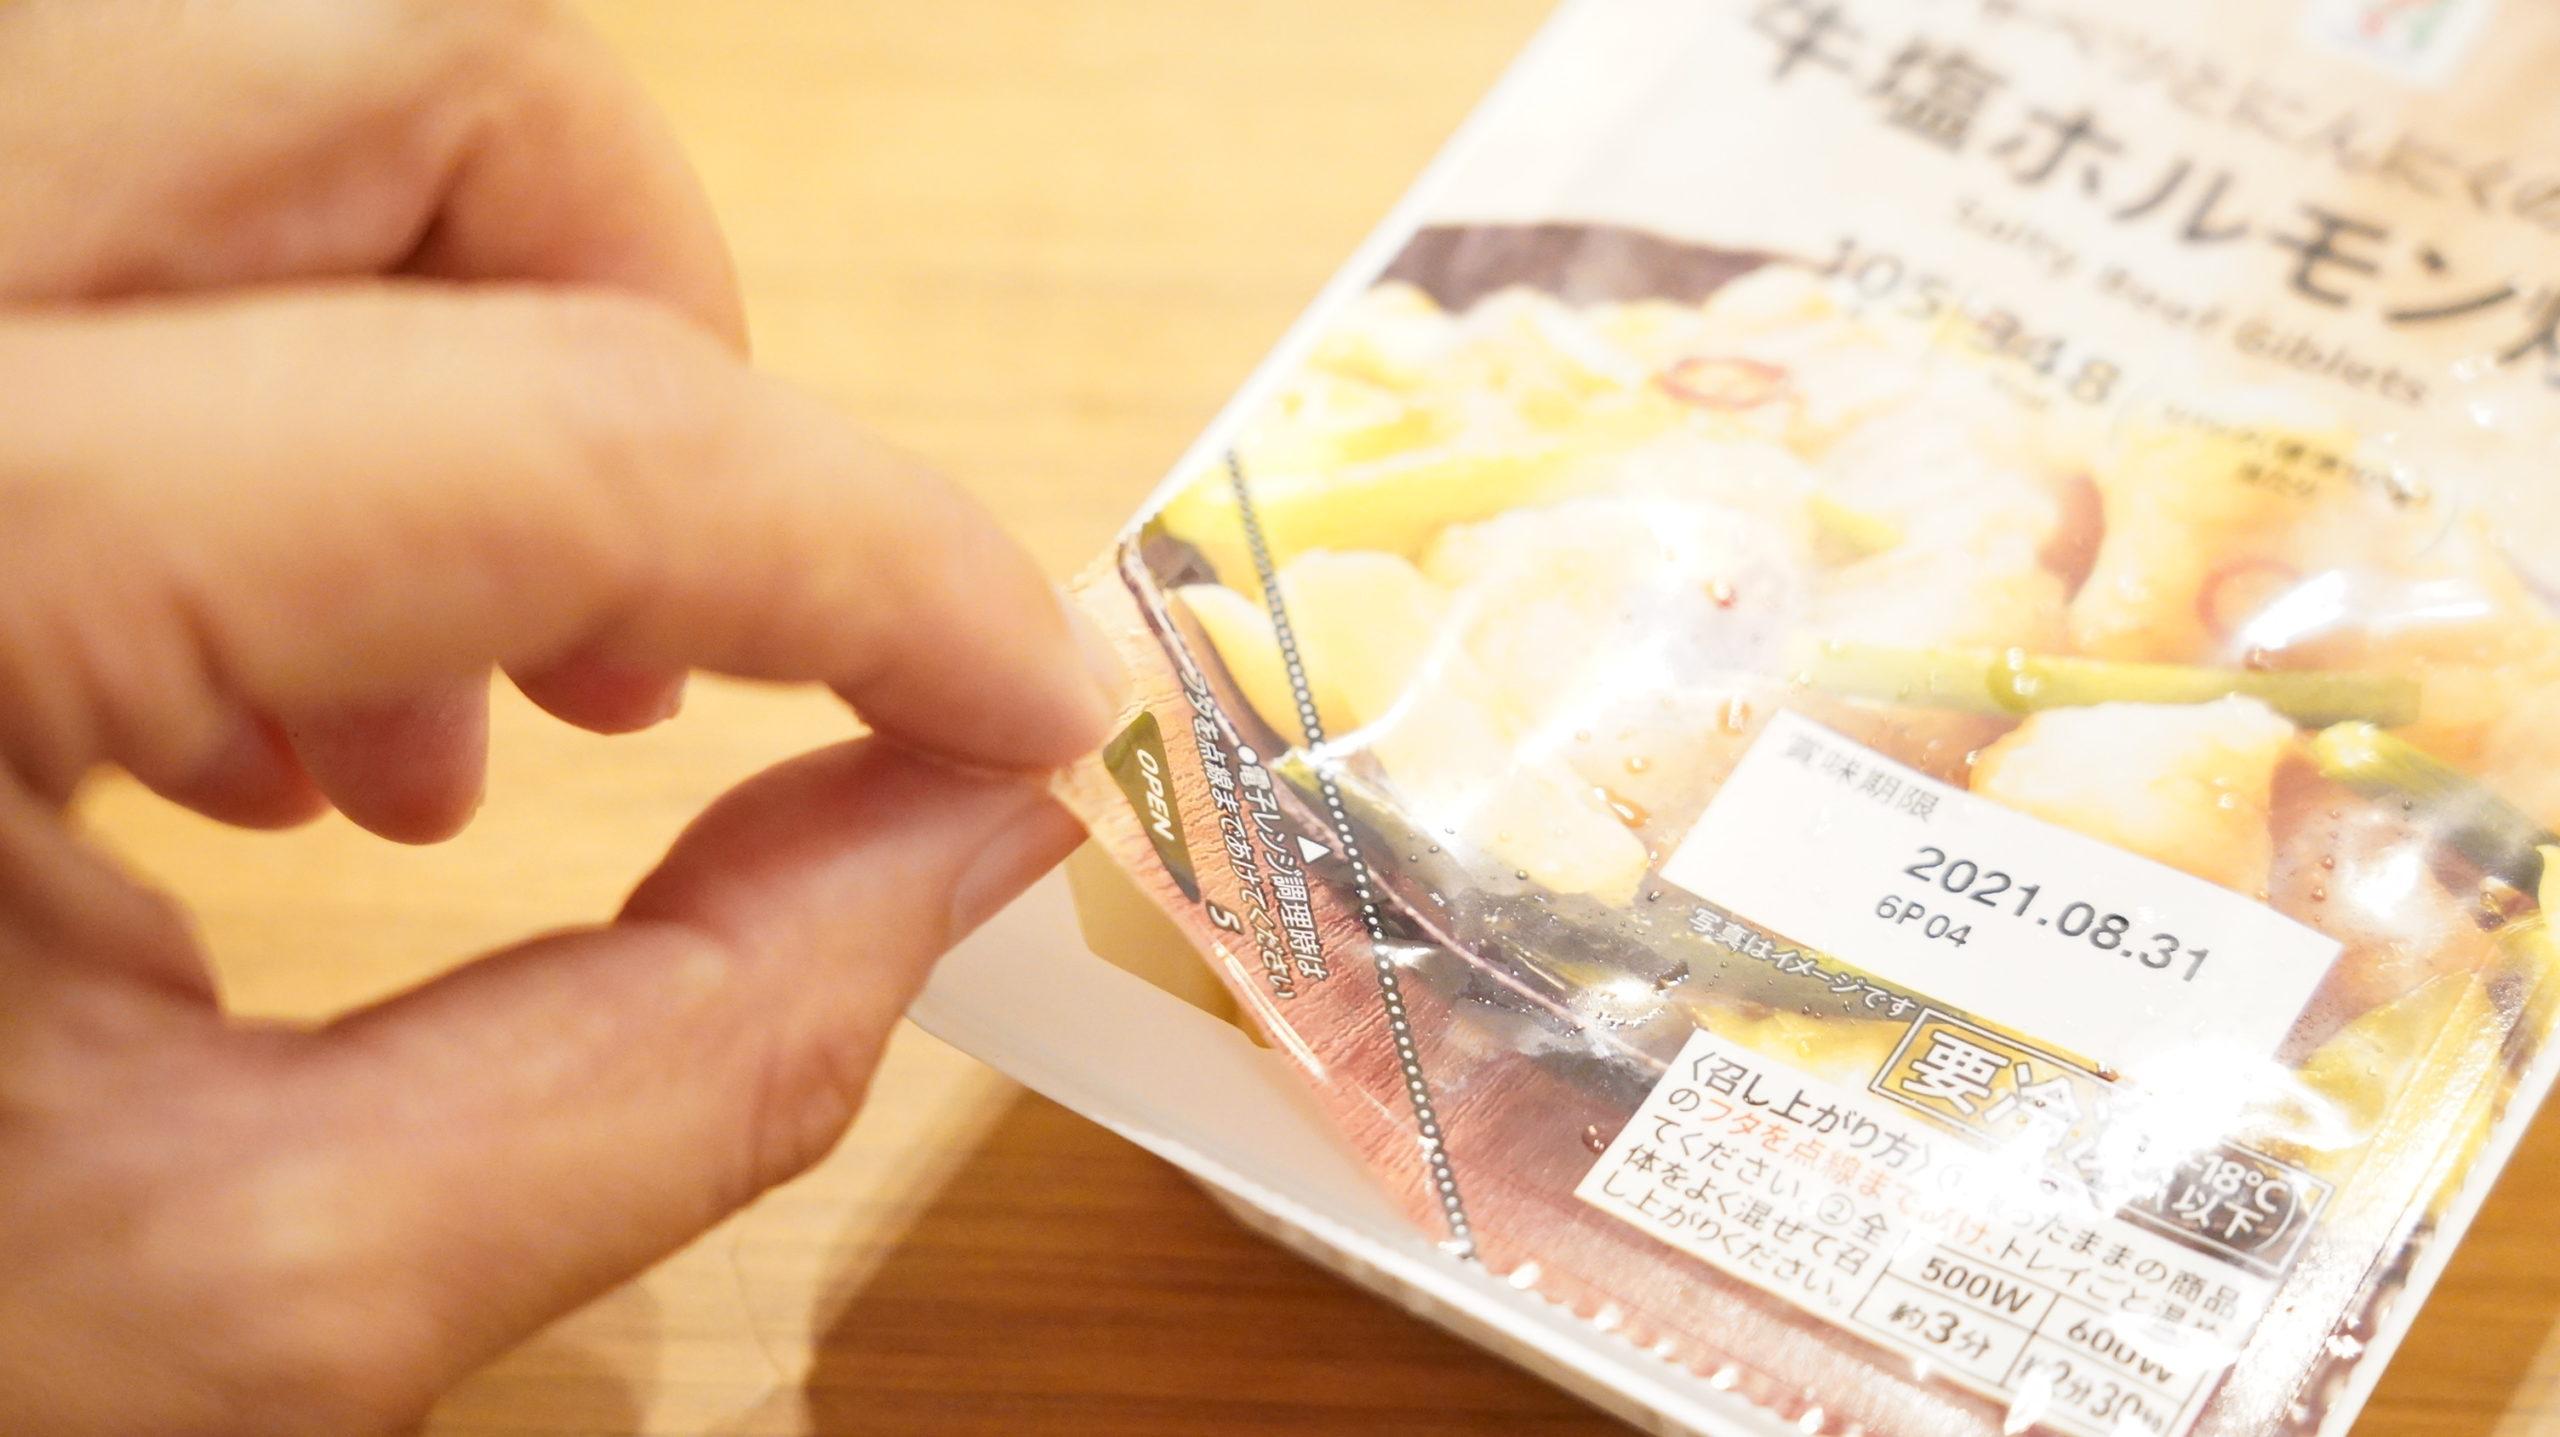 セブンイレブンの冷凍食品「キャベツとにんにくの芽入・牛塩ホルモン炒め」のフタの点線まではがしている写真